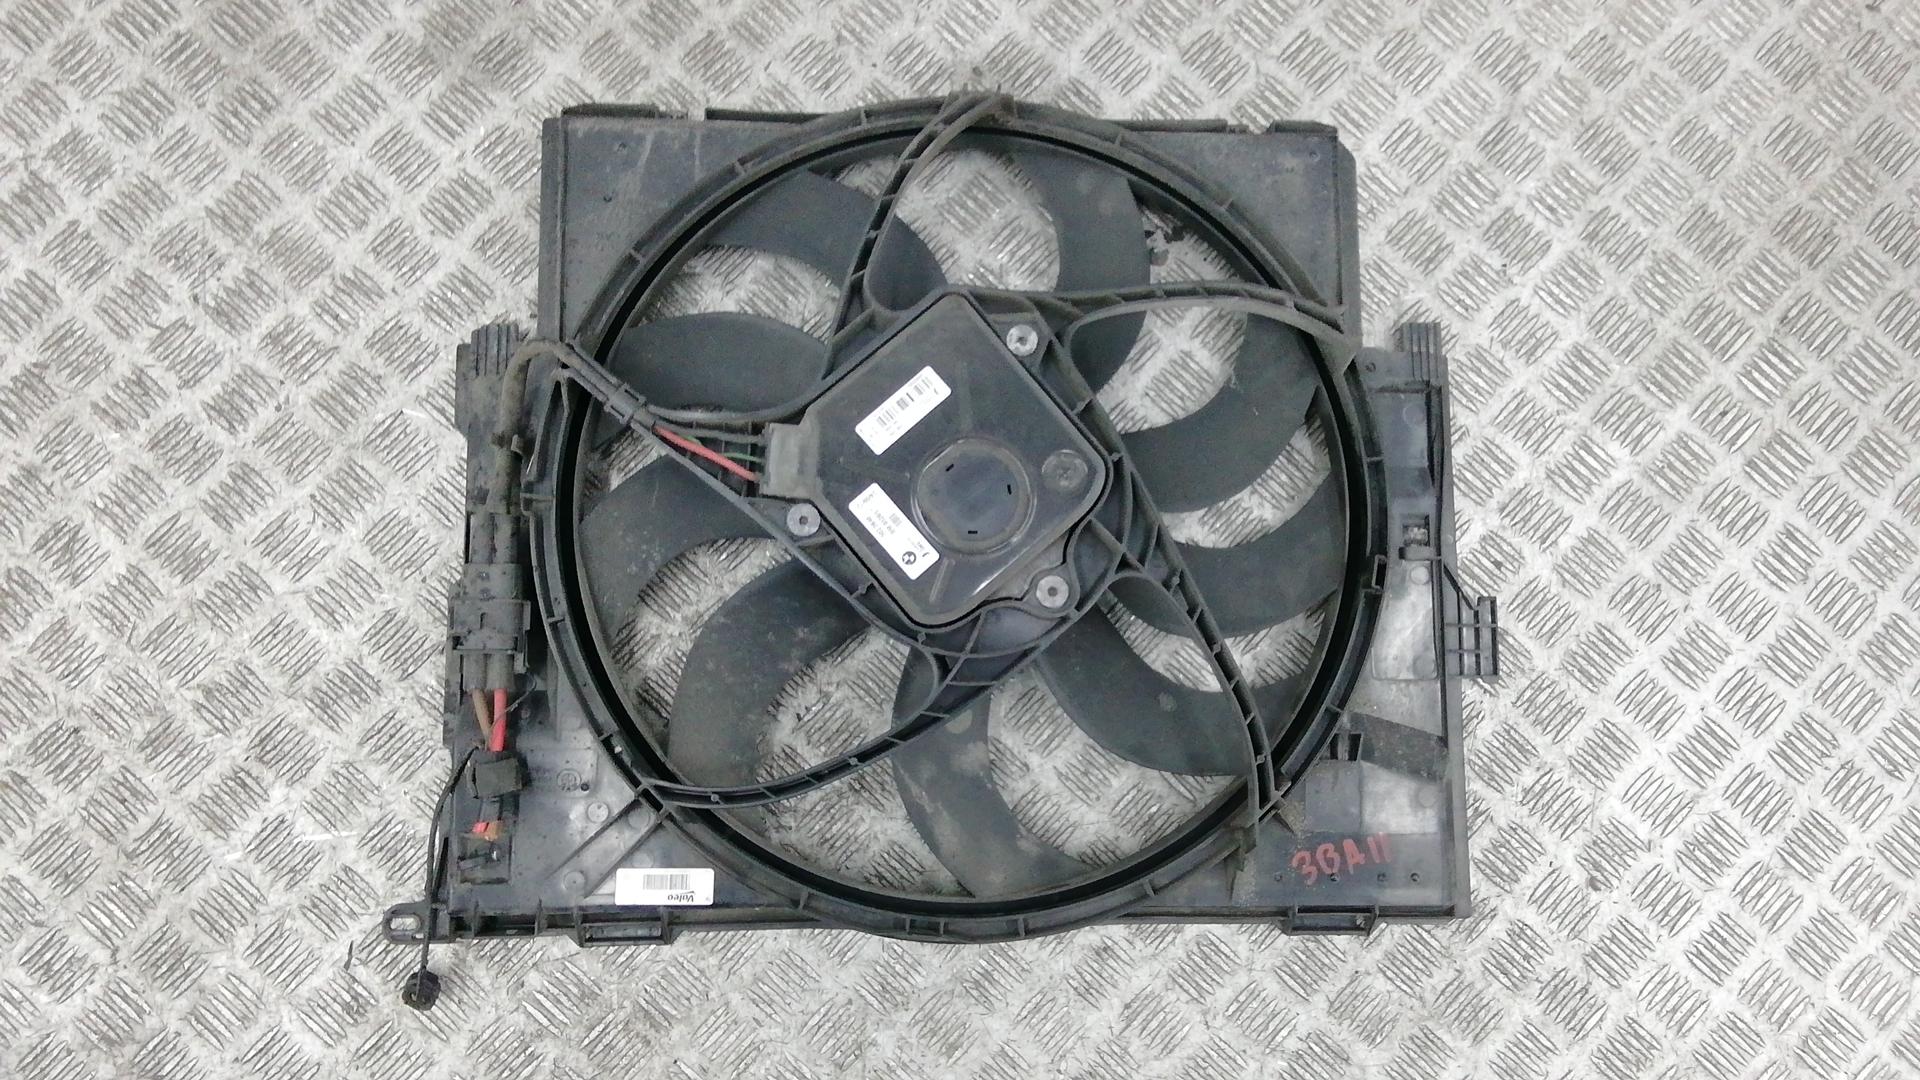 Вентилятор радиатора, BMW, 3 F30/F31, 2012